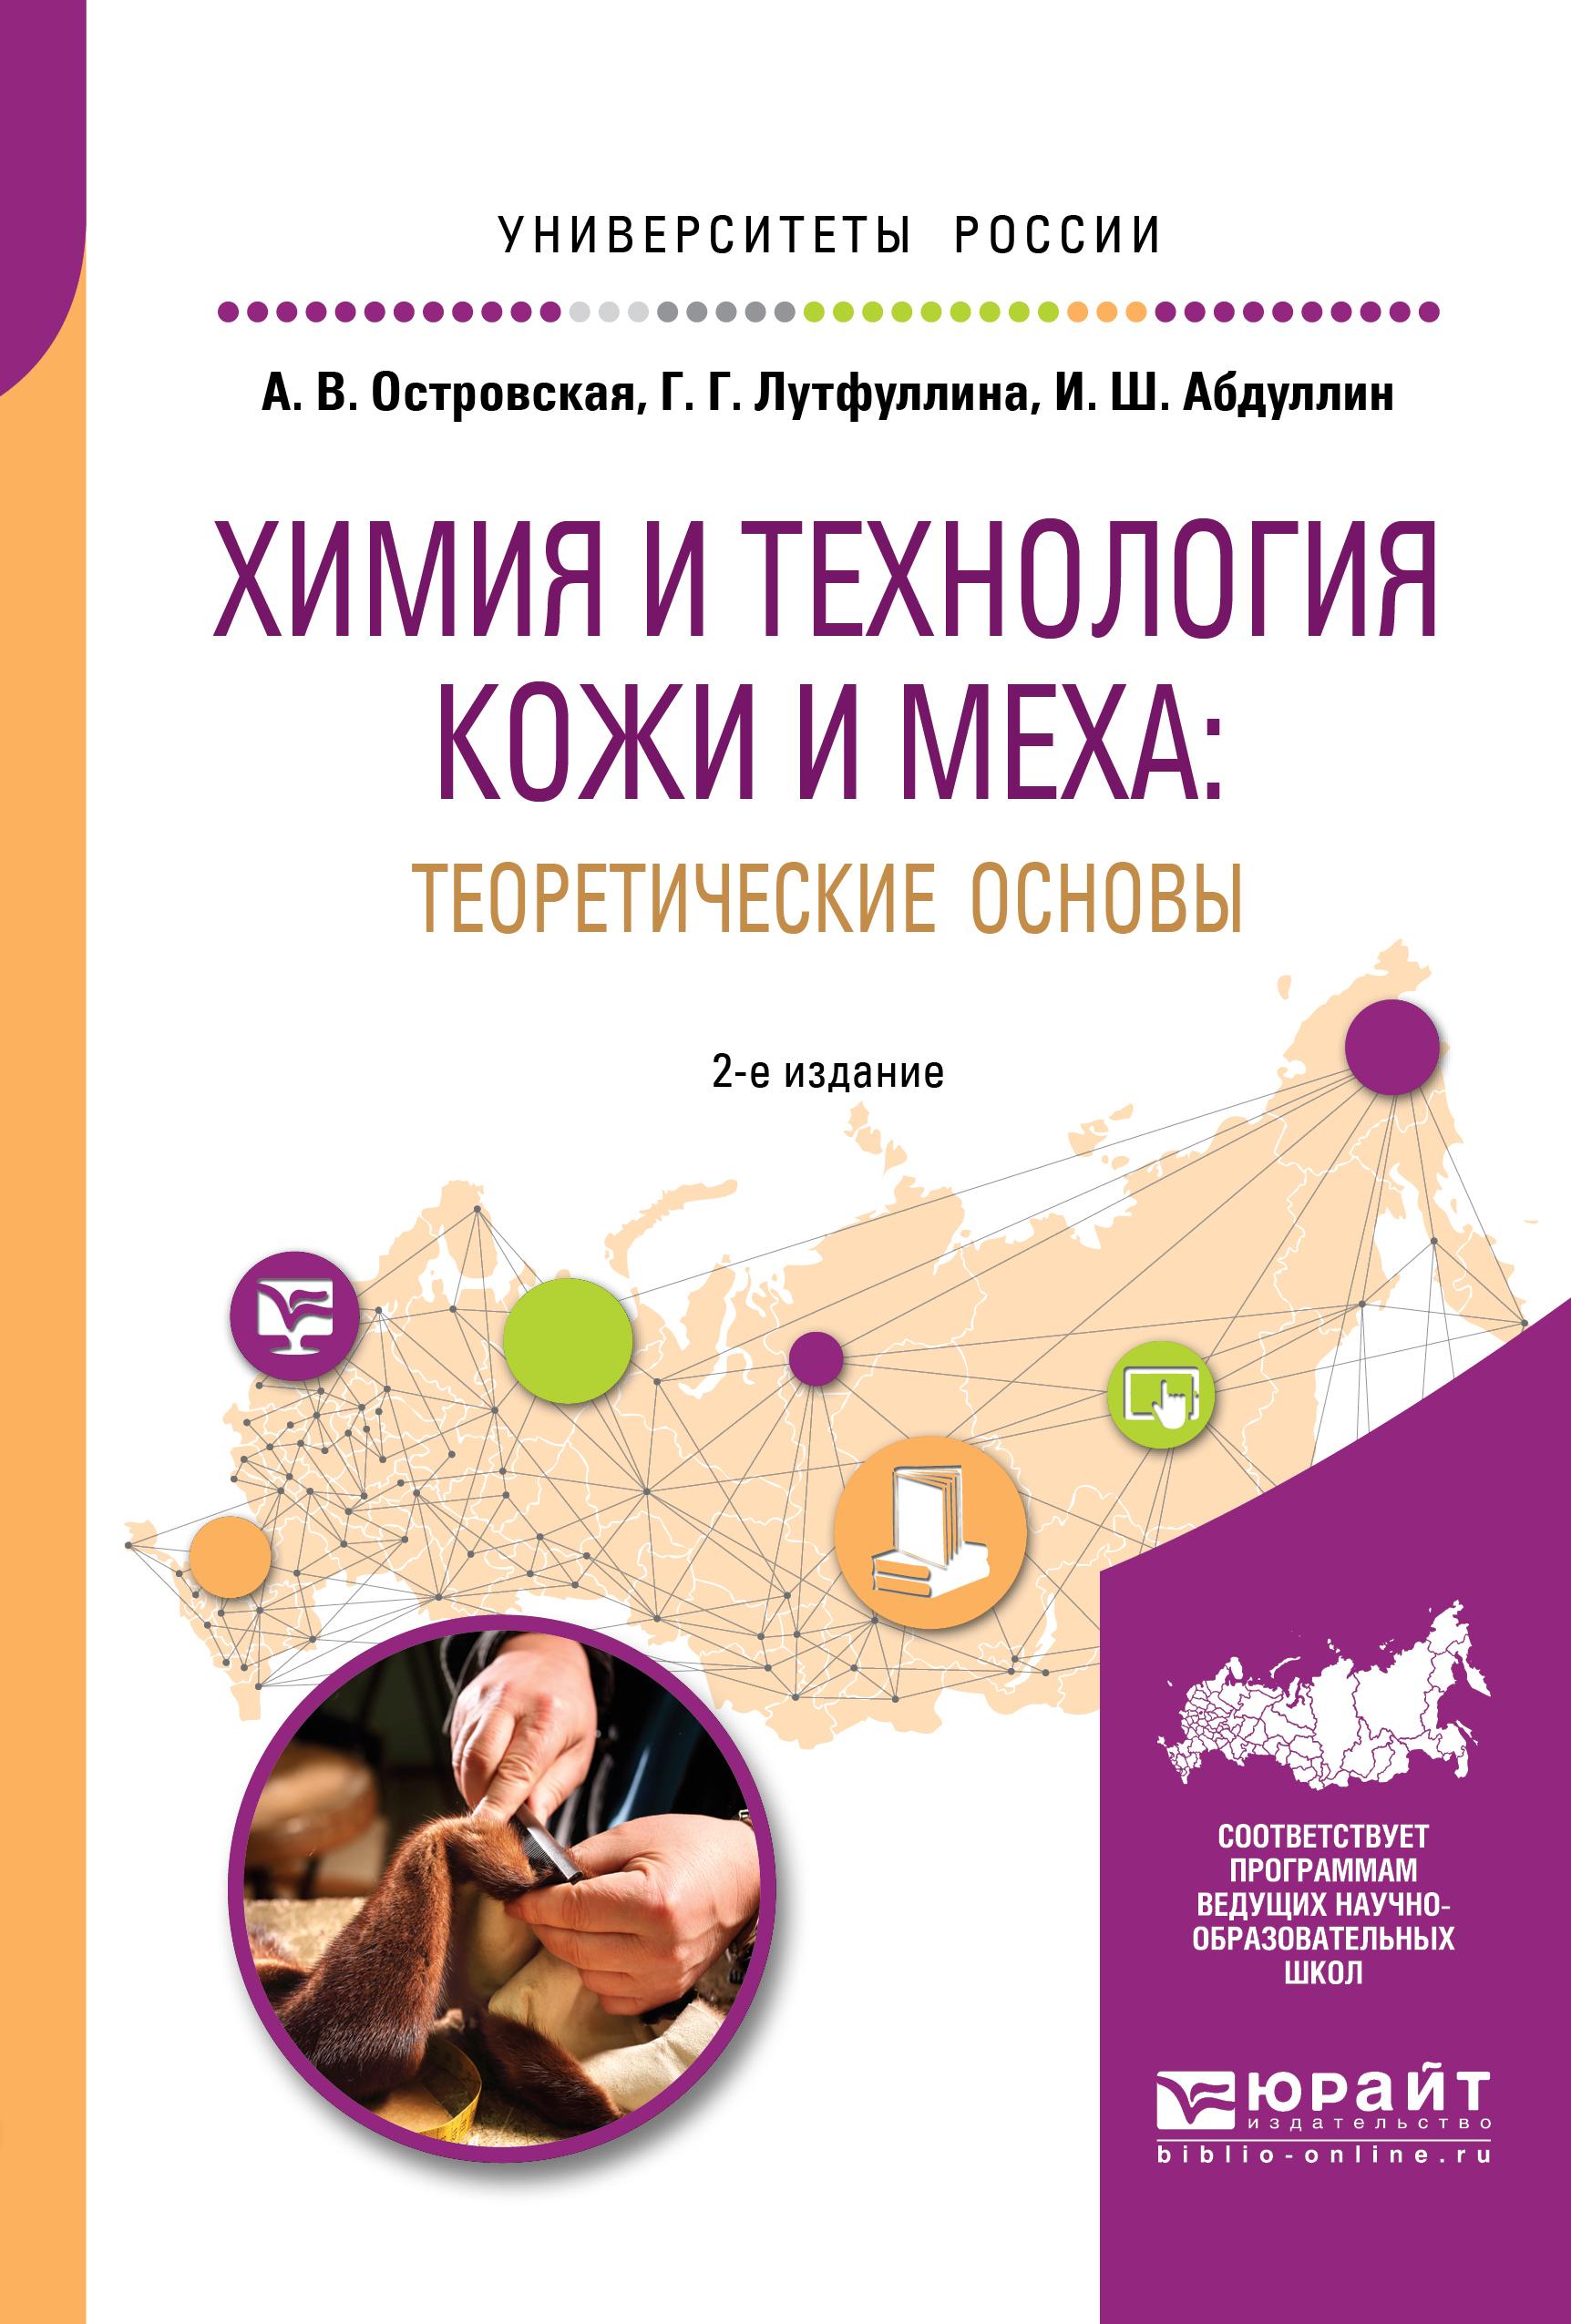 Химия и технология кожи и меха: теоретические основы. Учебное пособие для академического бакалавриата